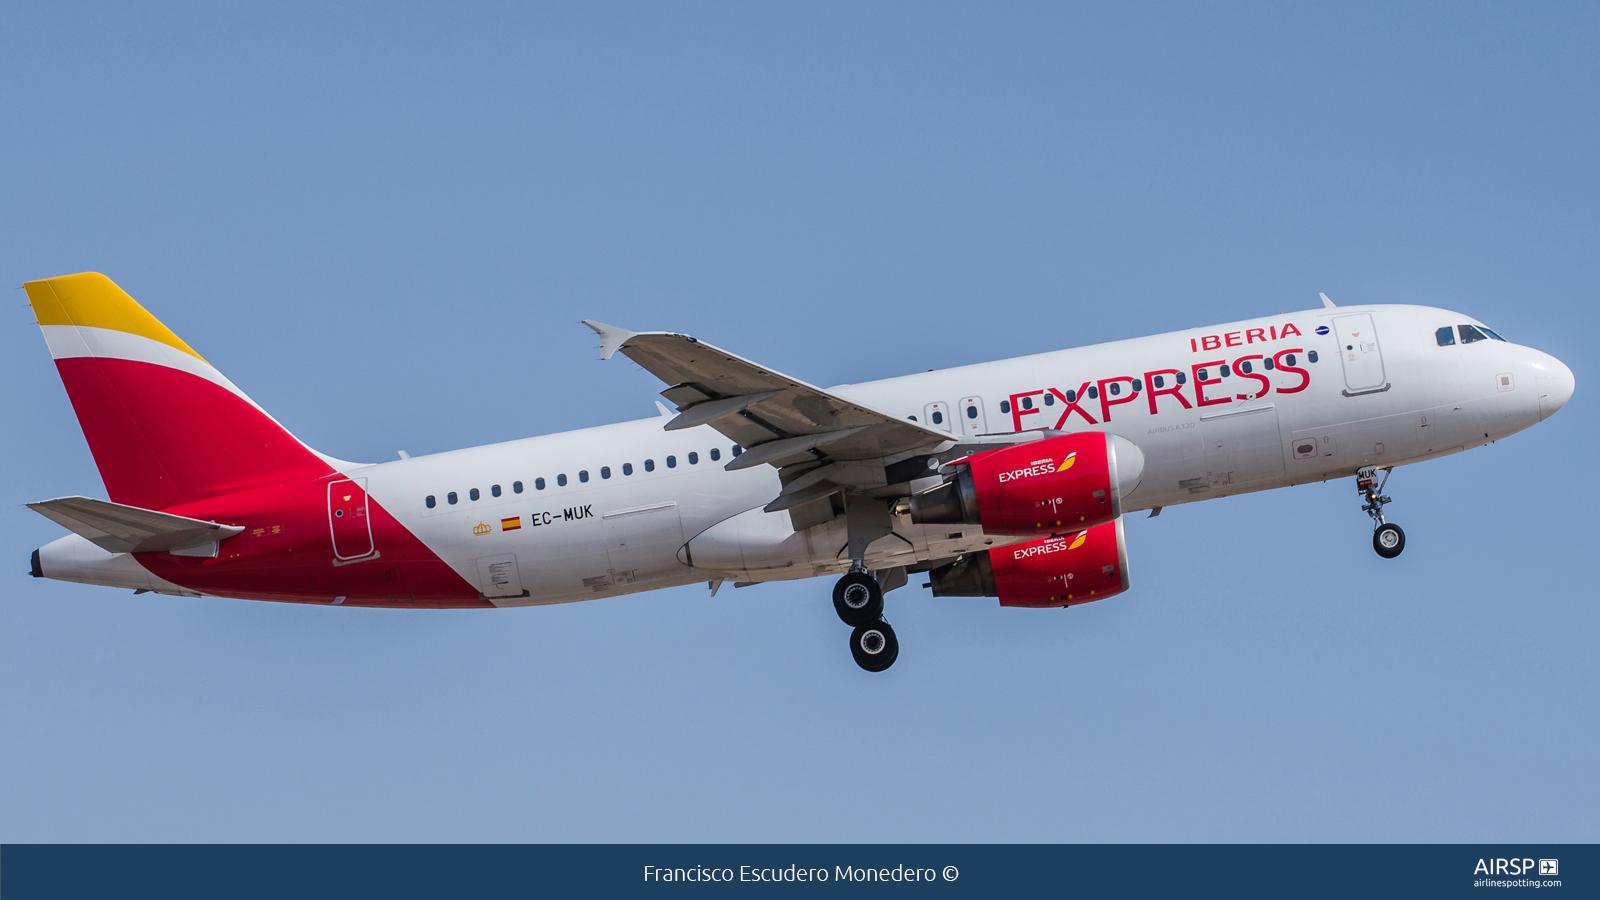 Iberia Express  Airbus A320  EC-MUK